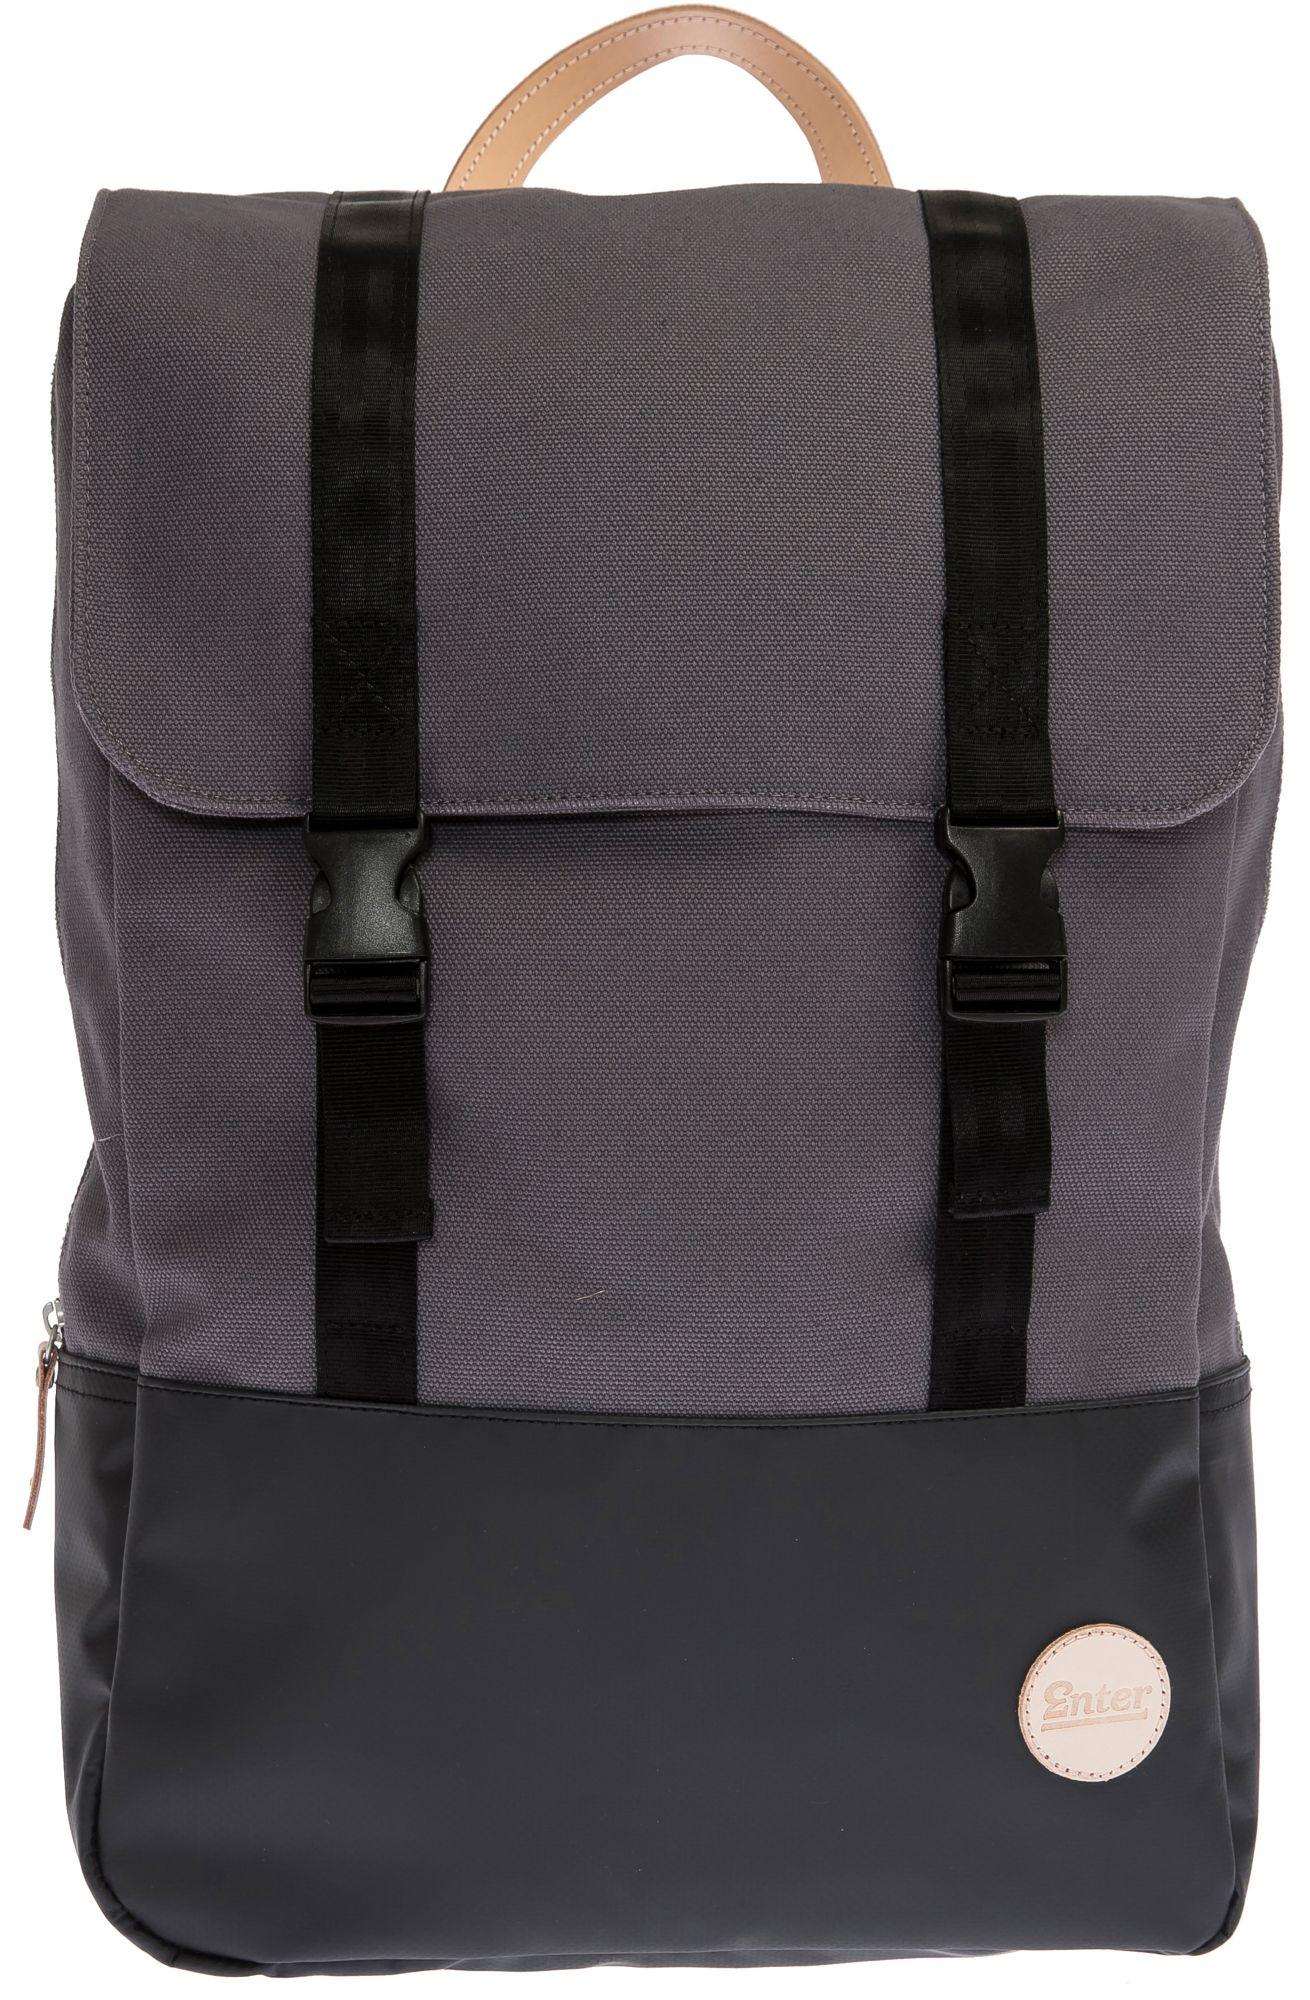 ENTER Enter Rucksack, »Research Backpack«